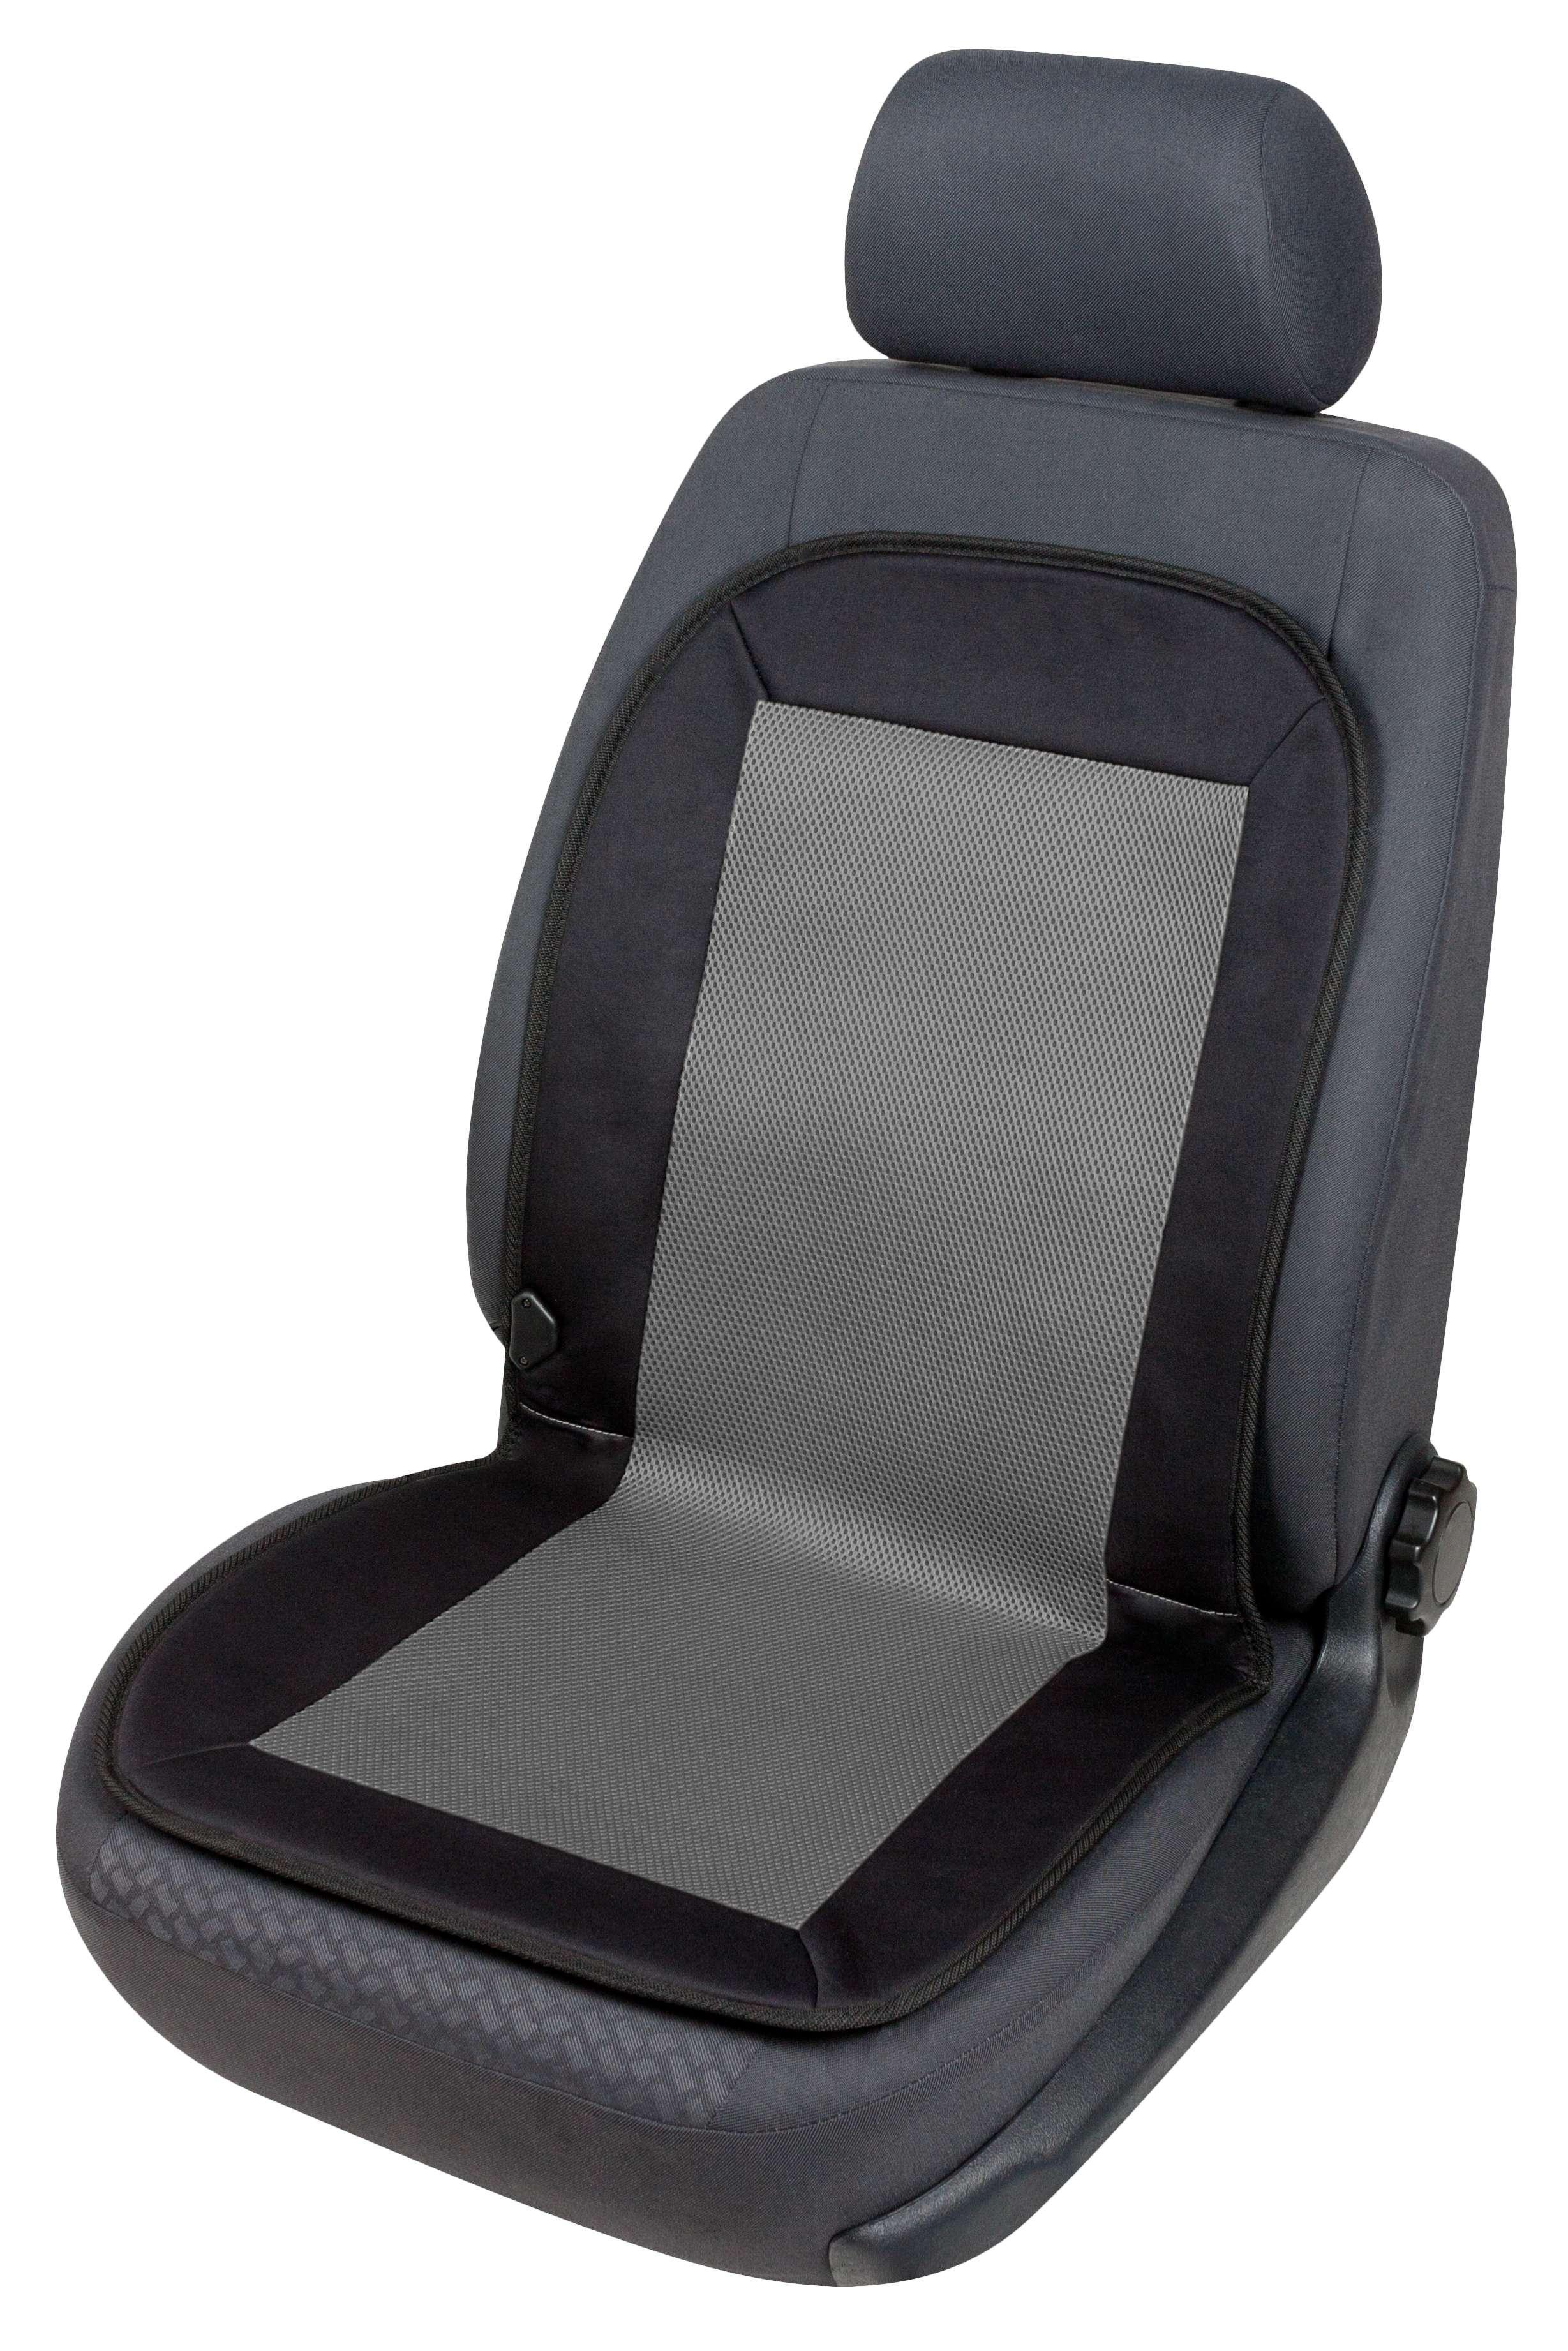 Θερμαινόμενο Κάλυμμα Καθίσματος 16762 WALSER 16762 Γνήσια ποιότητας